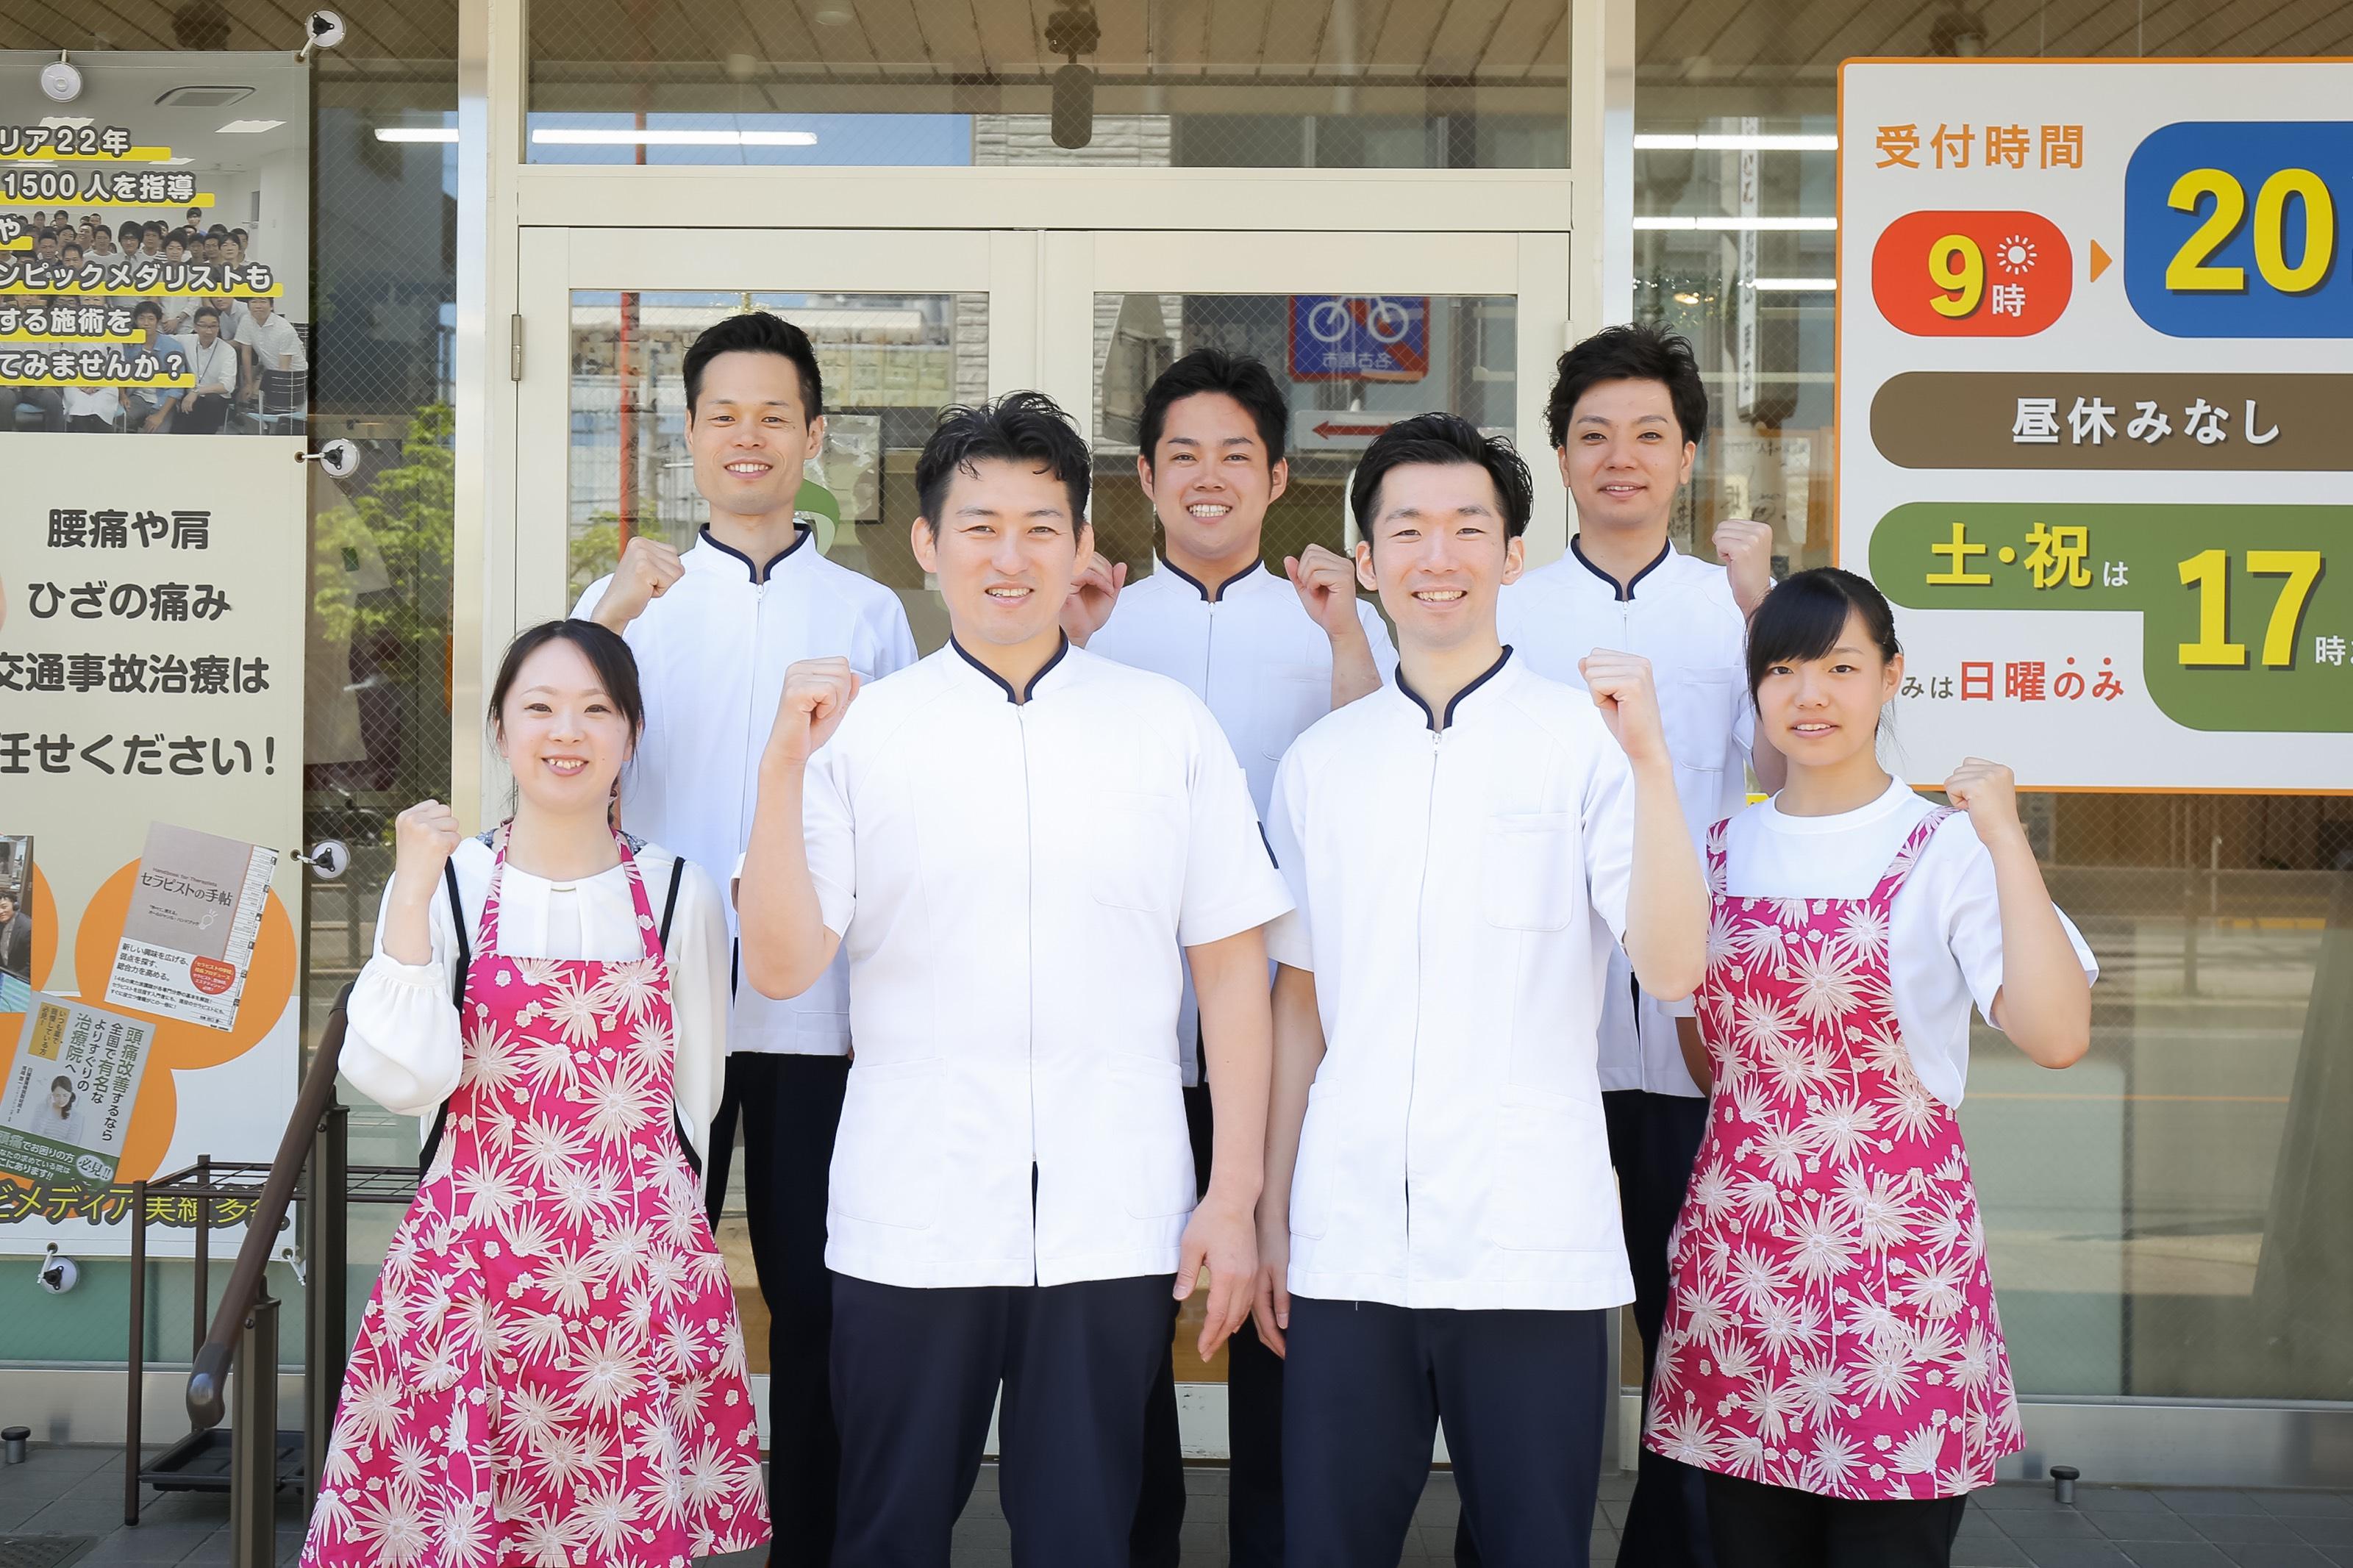 神宮前駅東口接骨院(株式会社テラピスト)